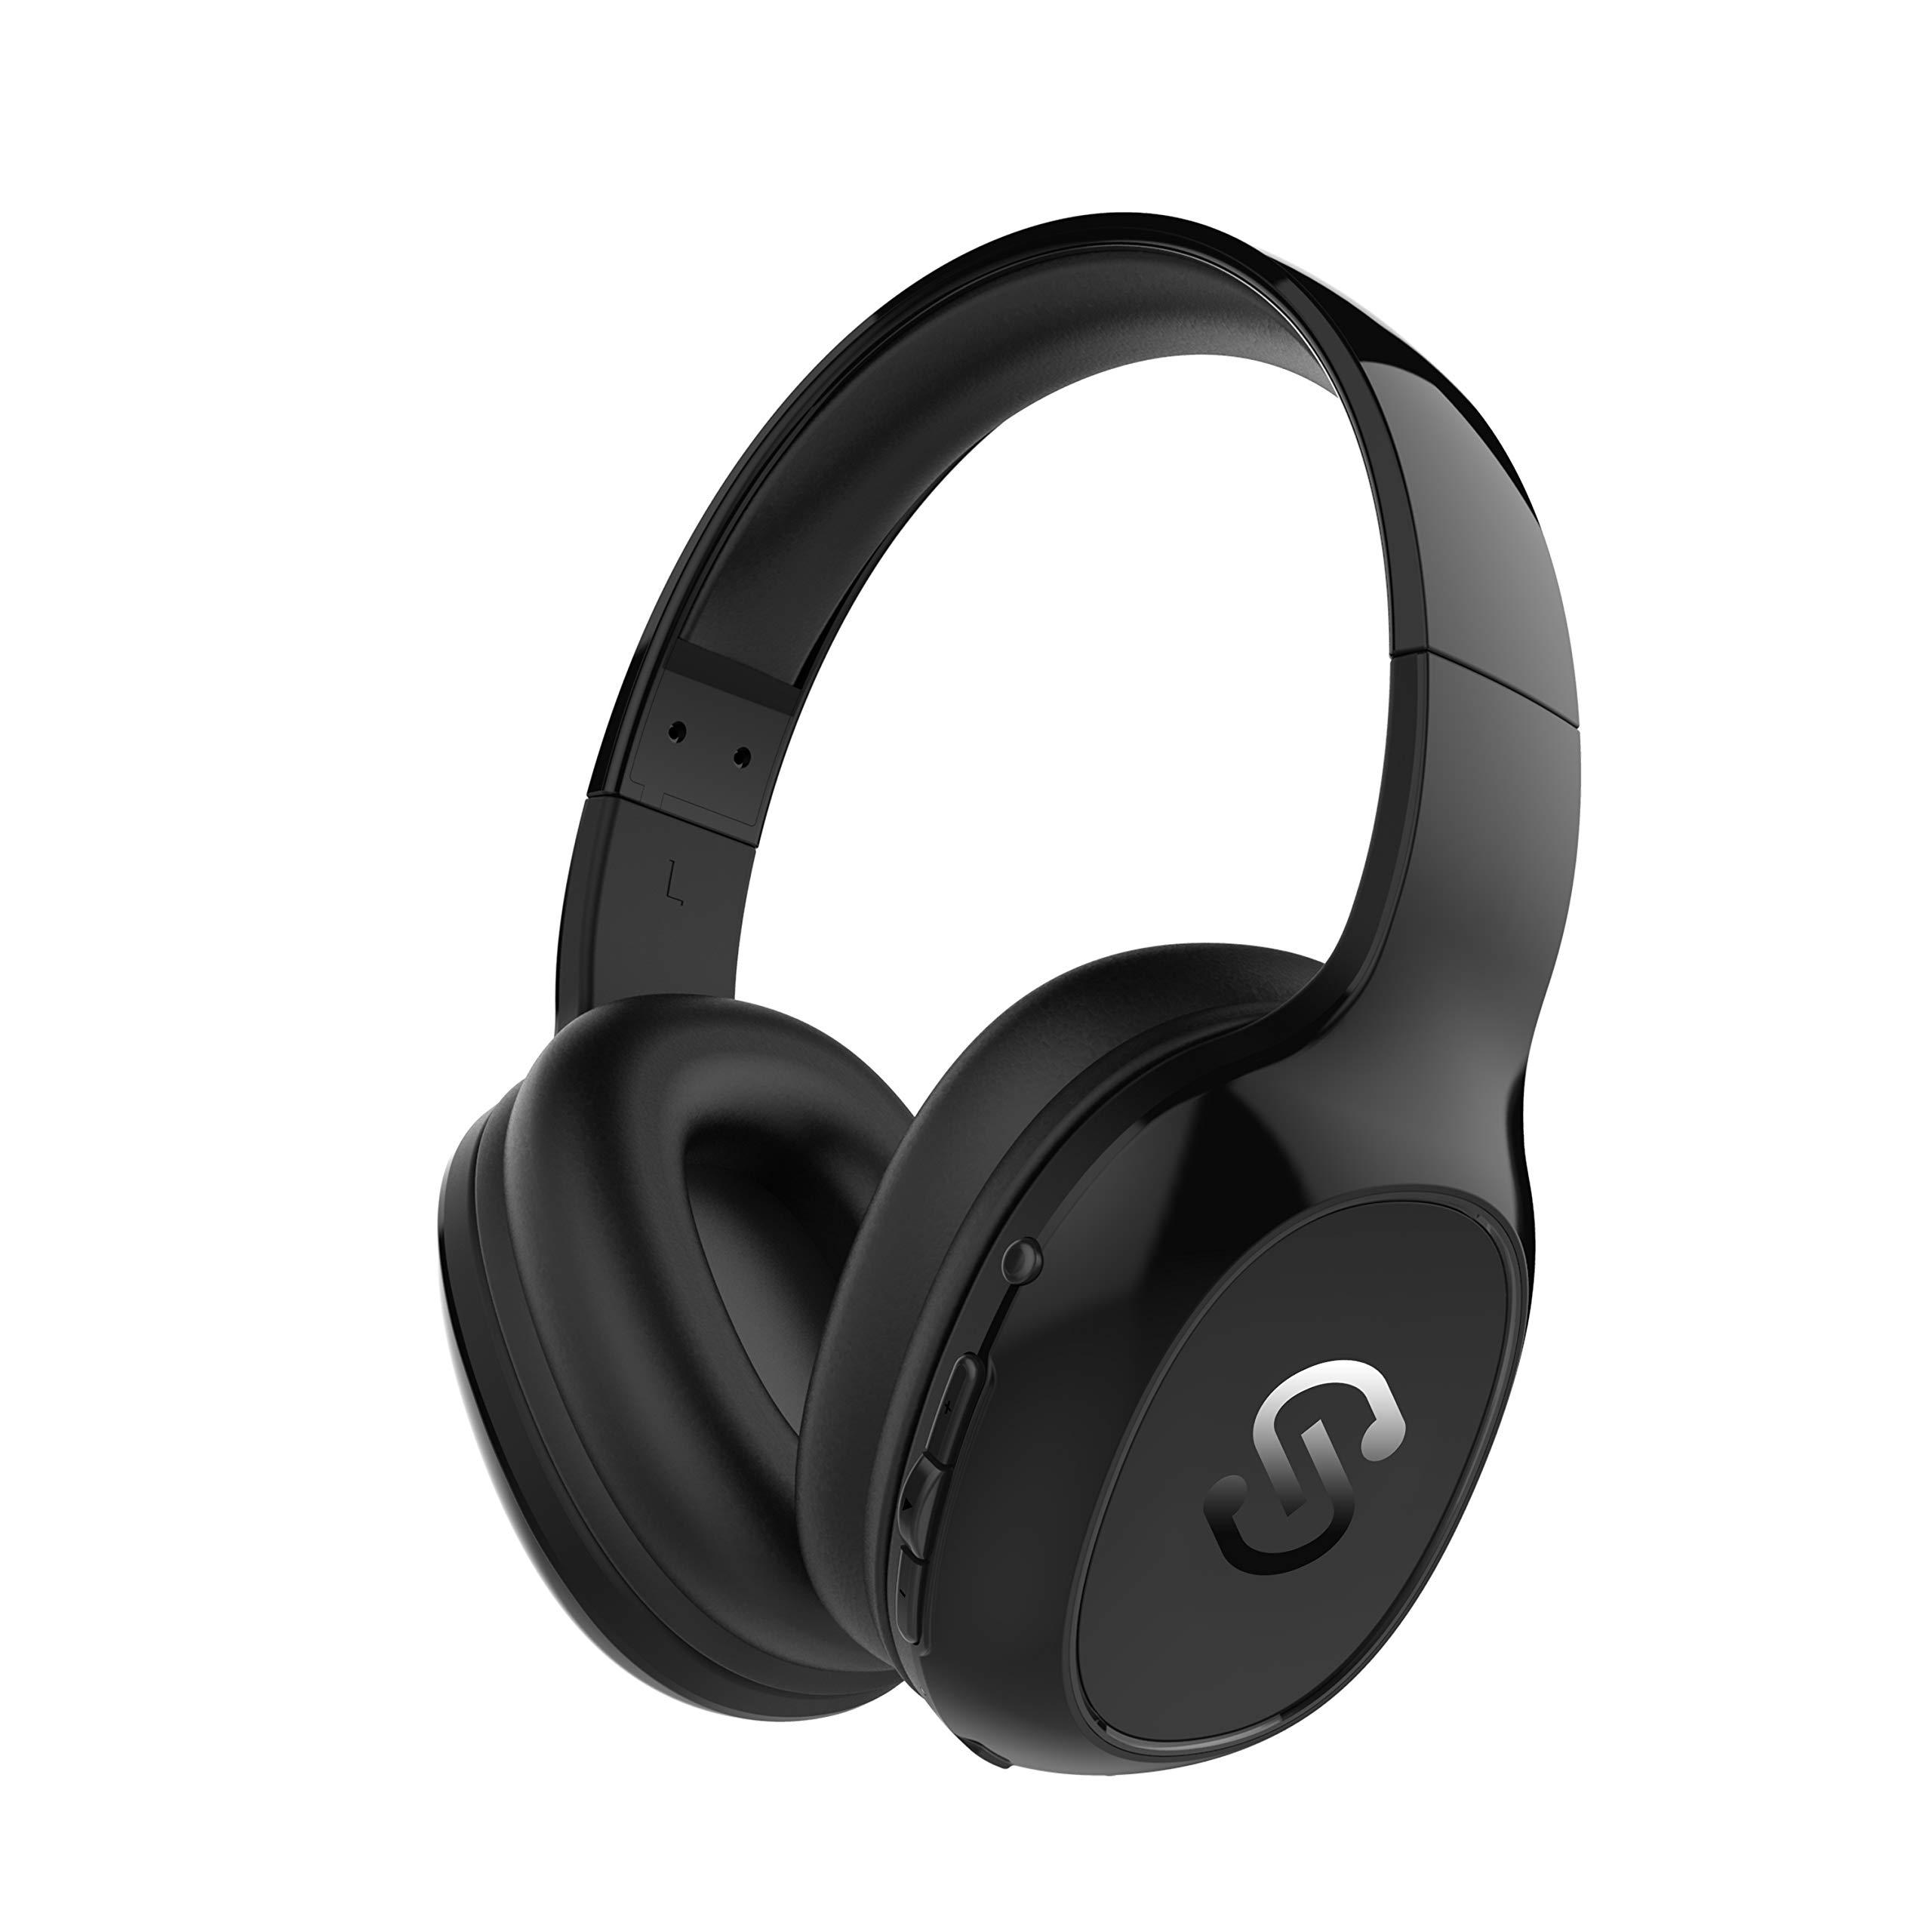 Cascos Bluetooth 4.1 SoundPEATS A2 Auriculares de Diadema Inalámbricos Over-ear con Micrófono Manos Libres